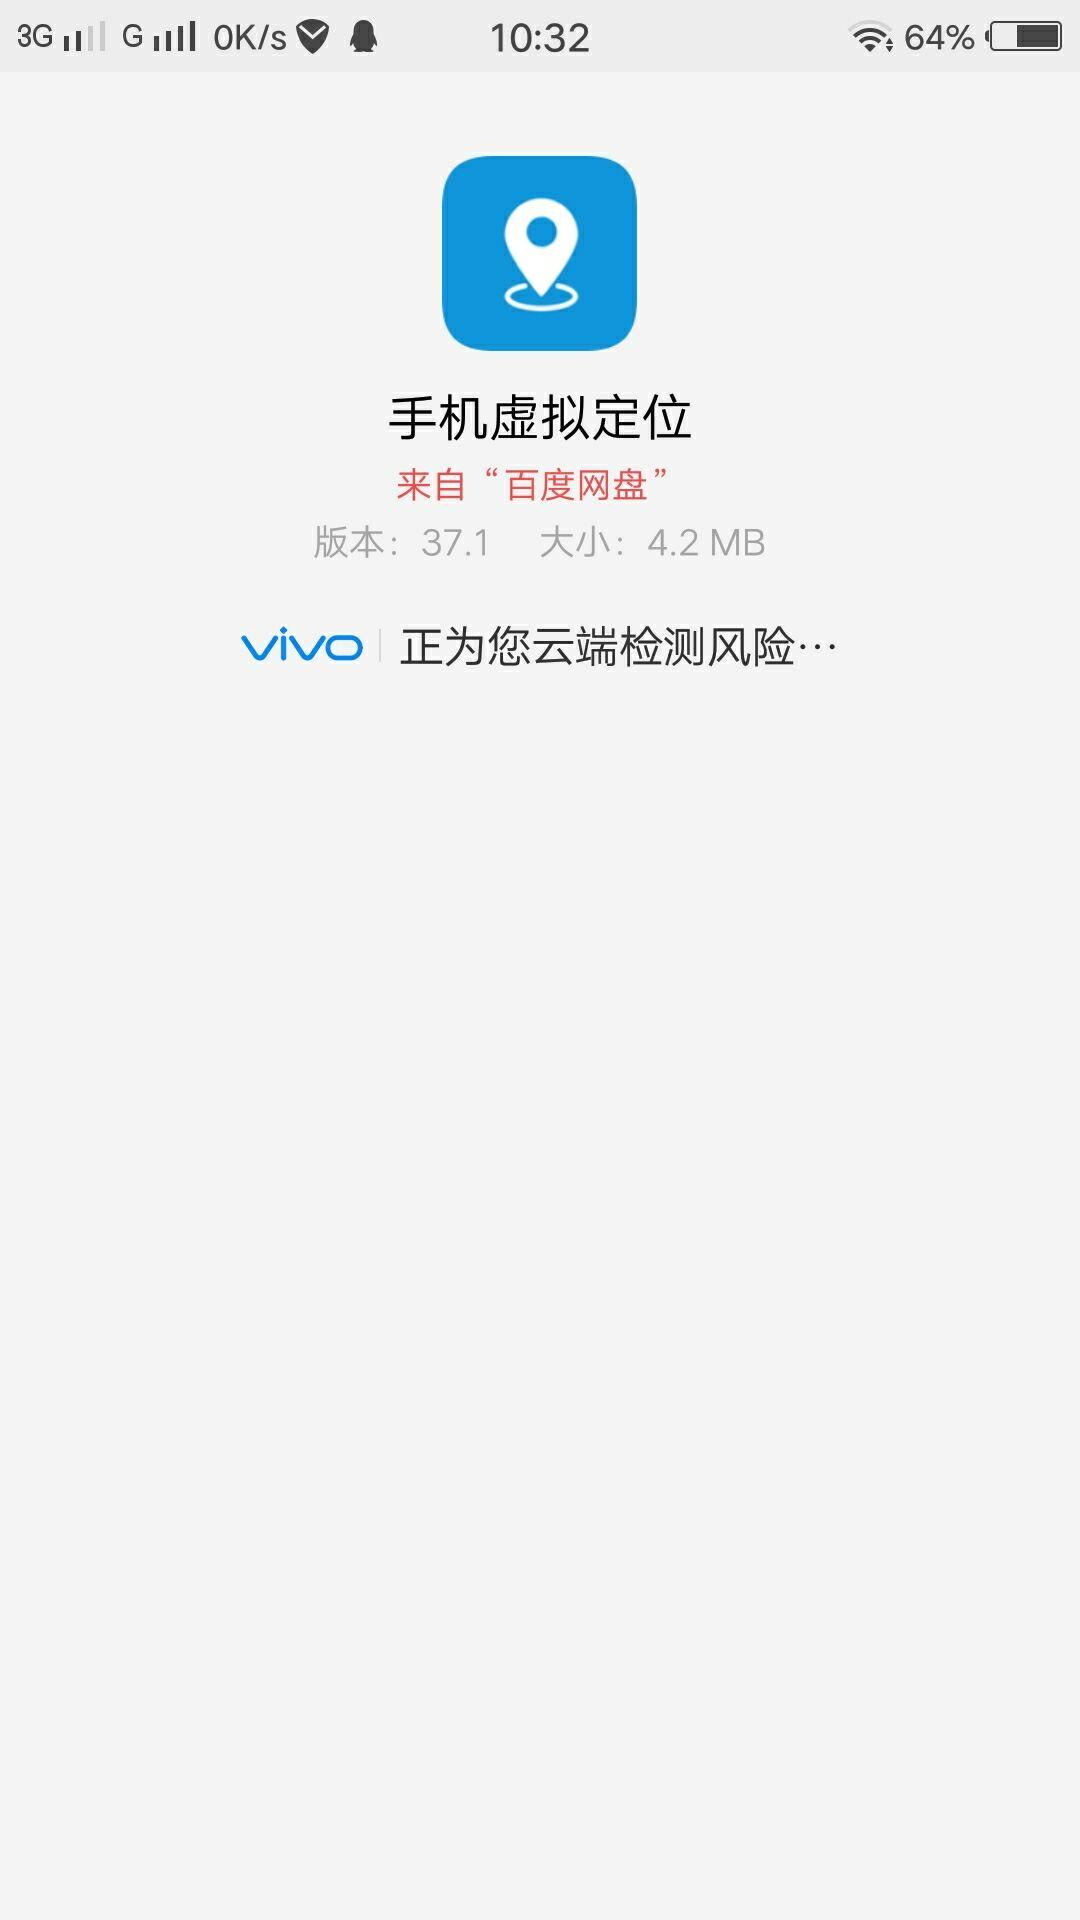 仙杰笔记 抖音/快手/陌陌/探探/手机app直播虚拟定位修改神器 微信位置 技术交流 111512y405zi9vo5v99a22